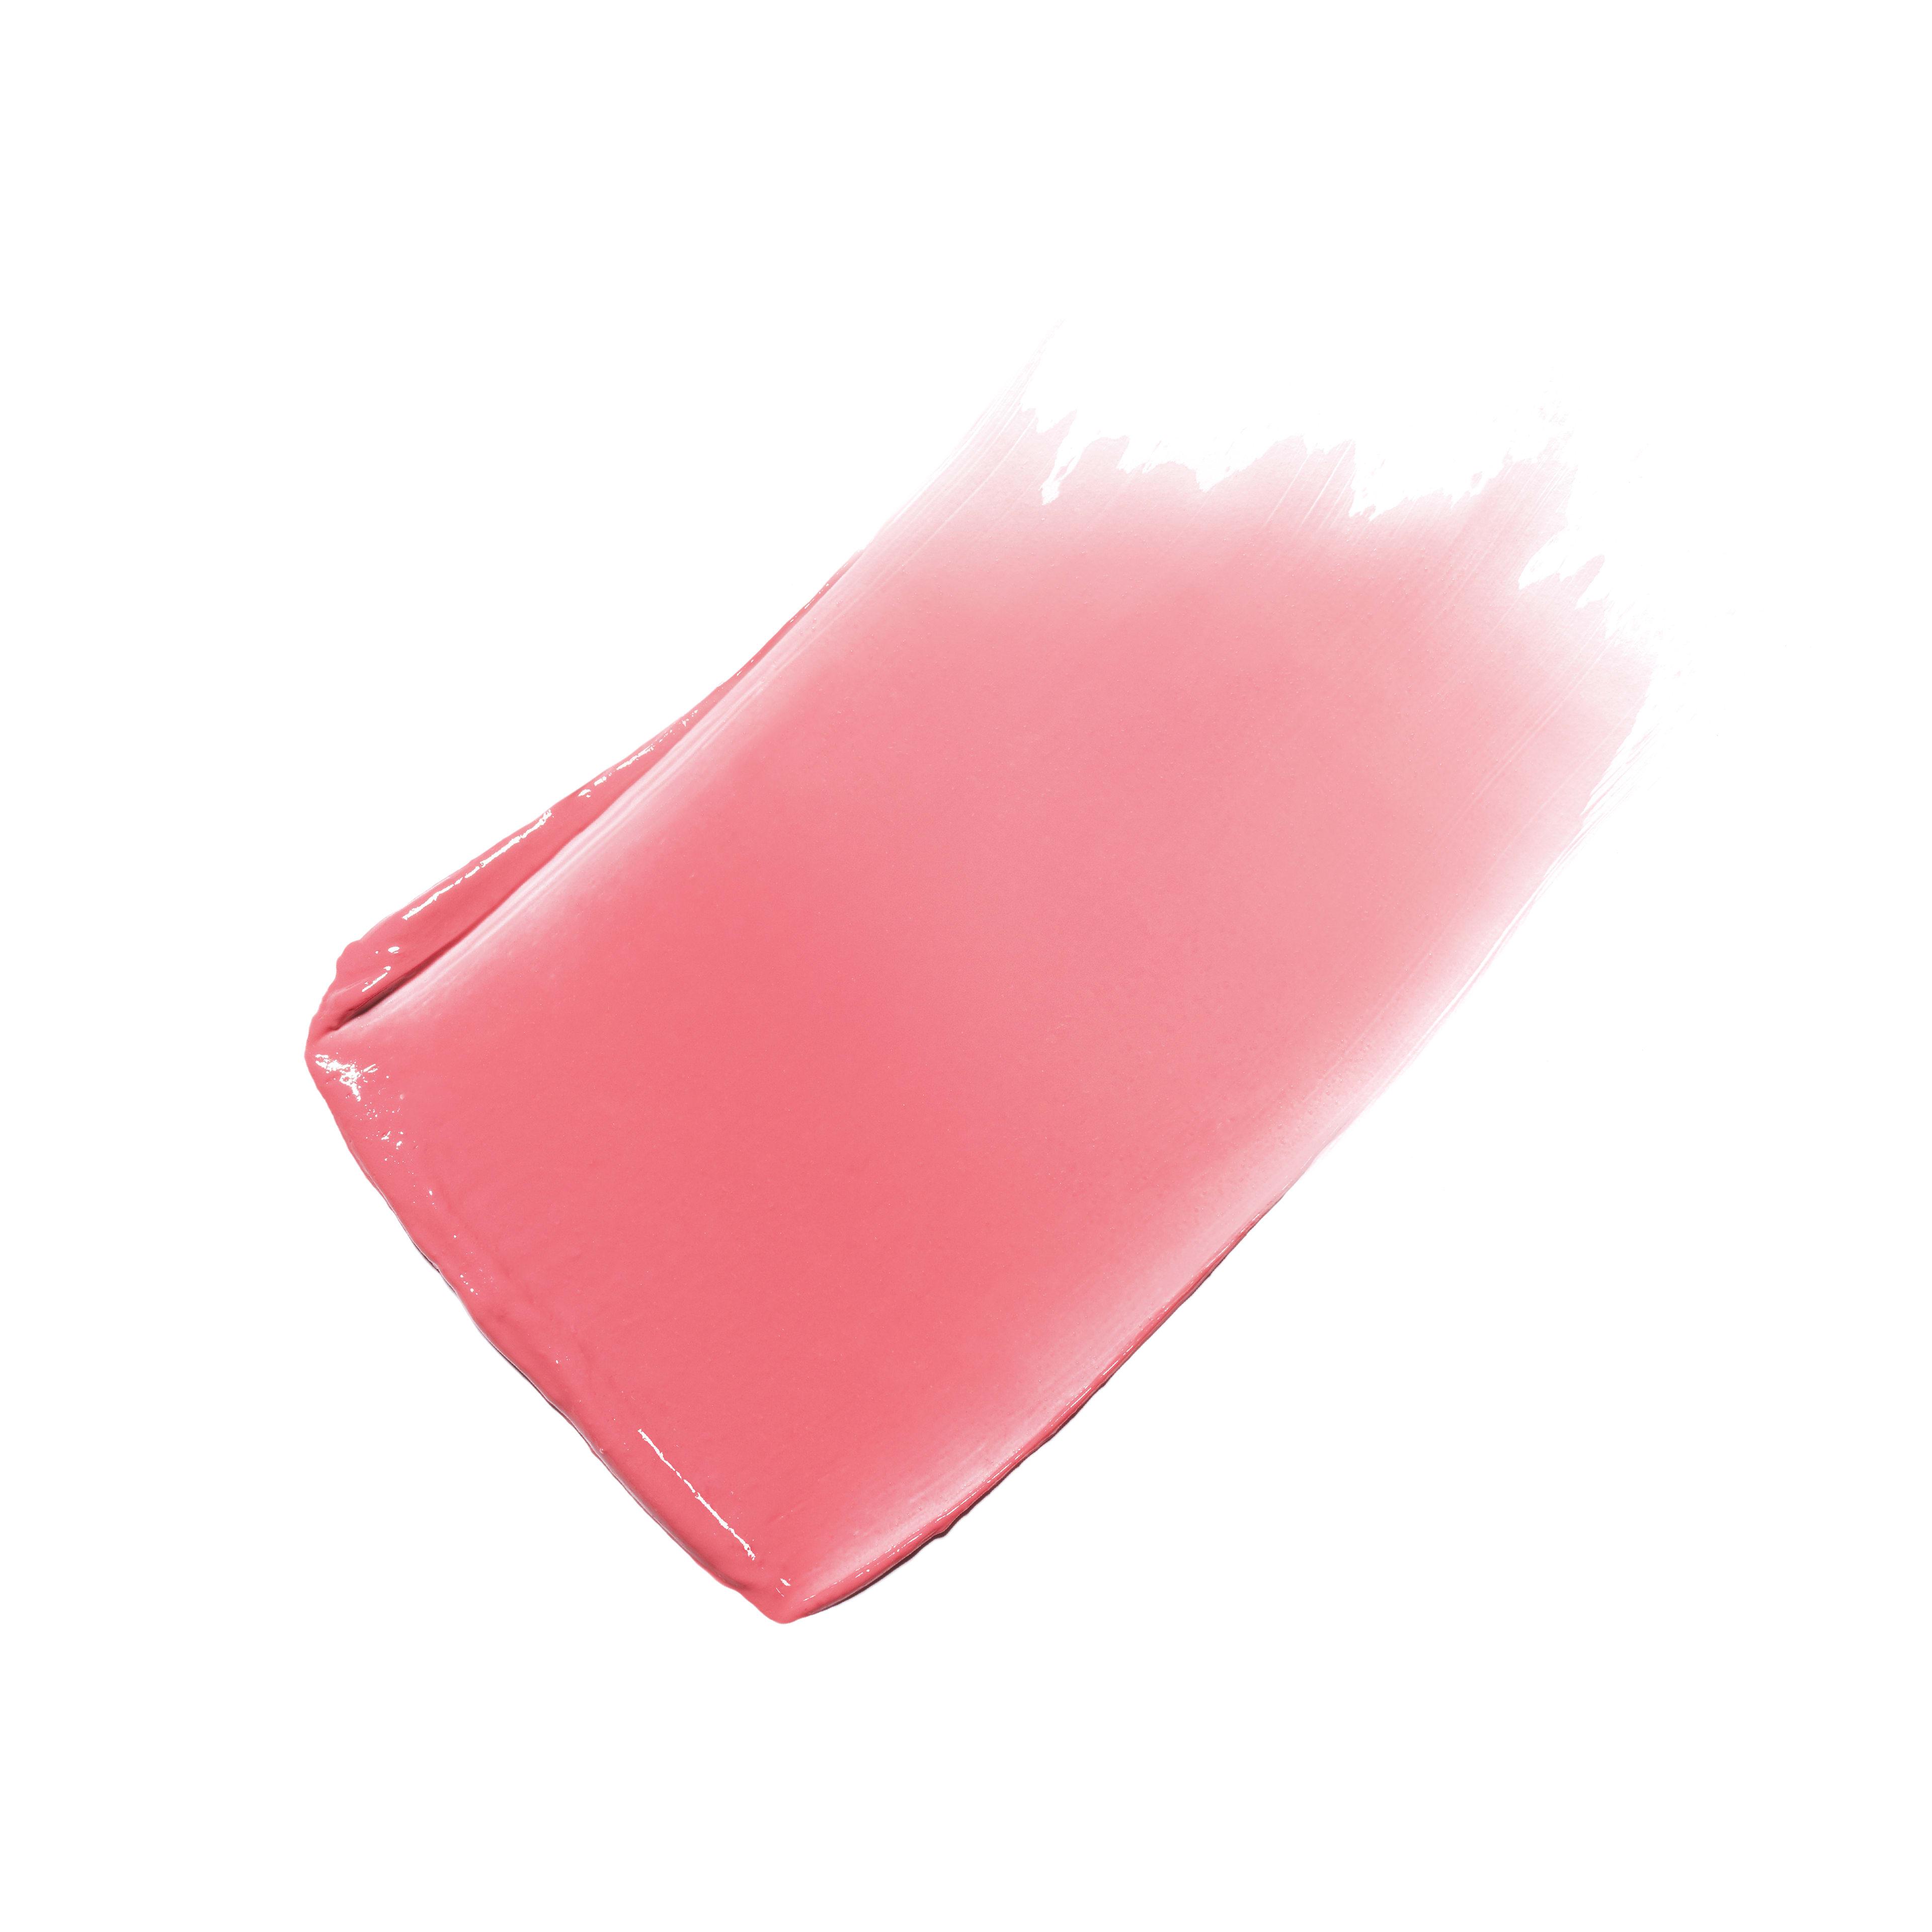 LES BEIGES - makeup - 3g - Basic texture view